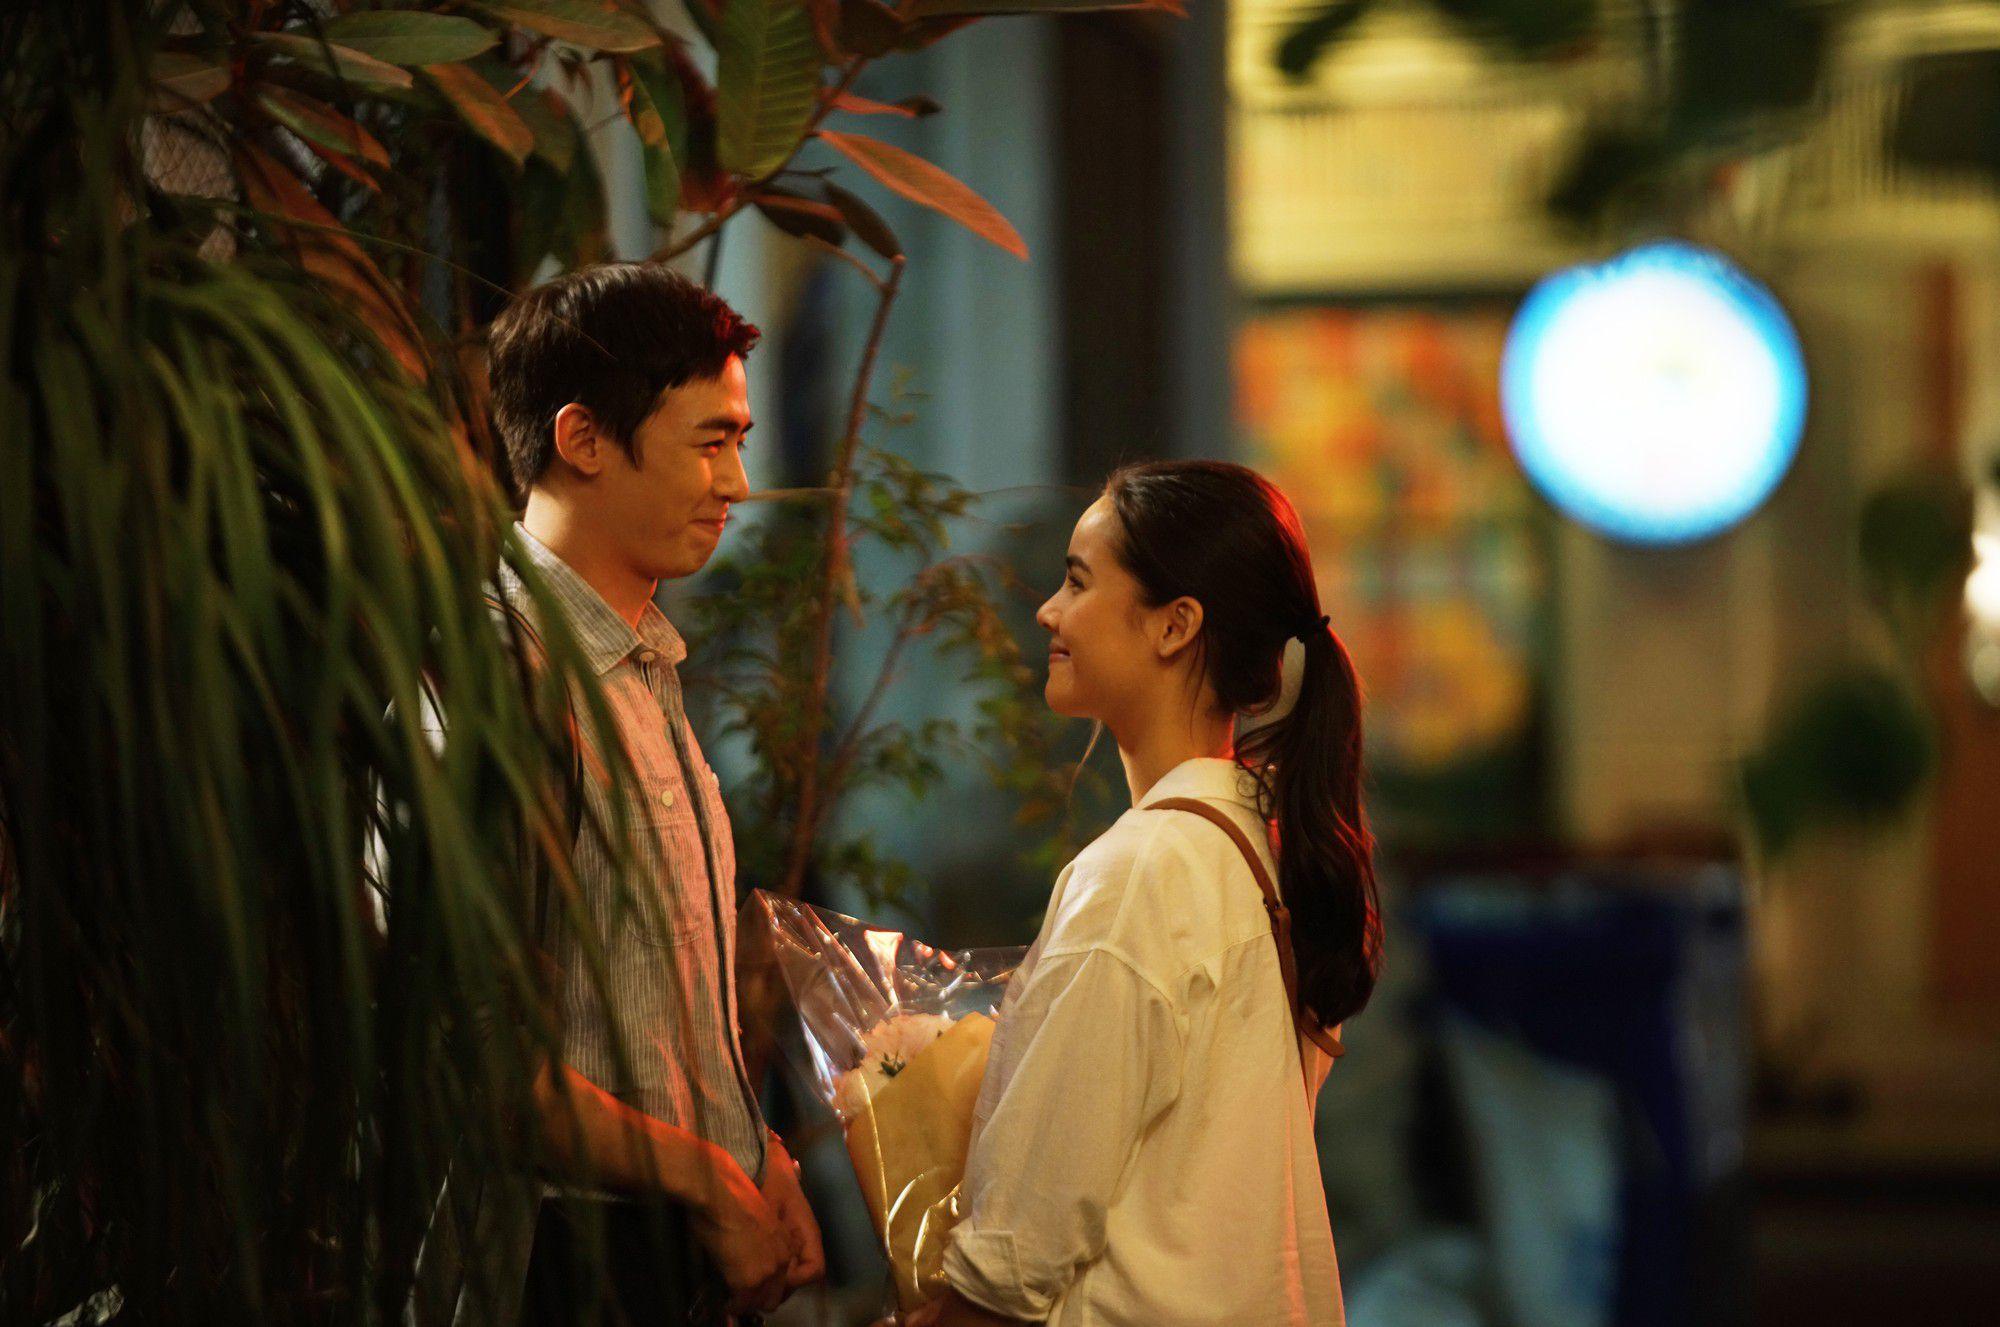 Ông Anh Trời Đánh: Phim Thái Lan chiếu rạp mới nhất gây bão phòng vé (5)